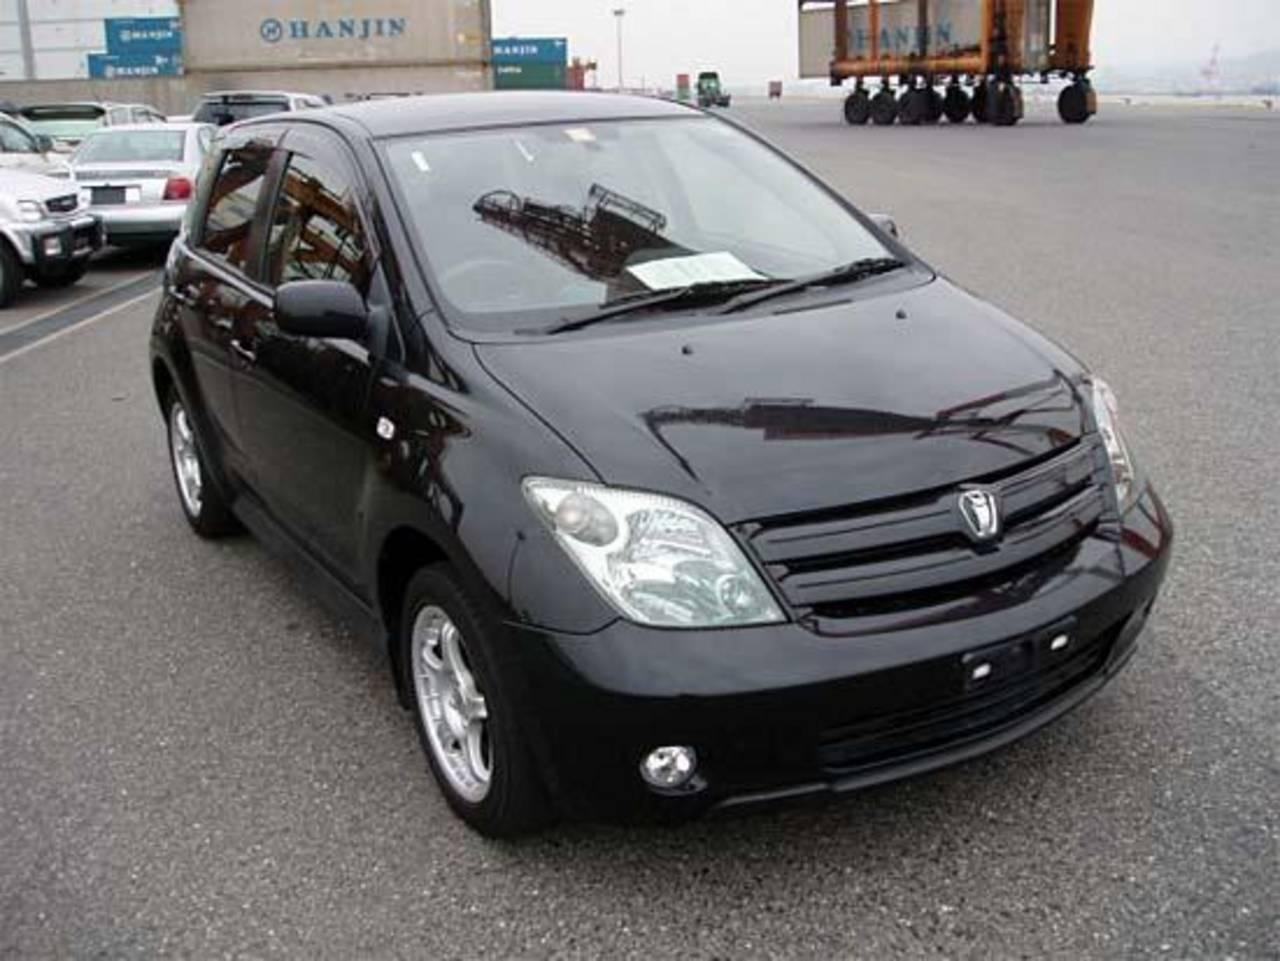 Тойота ист 2010 фото